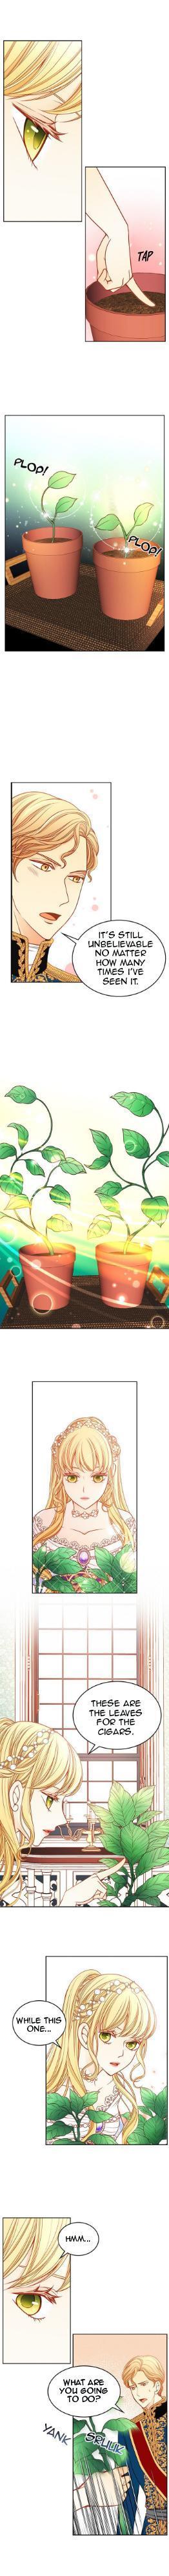 Wendy The Florist Chapter 64 page 9 - Mangakakalot